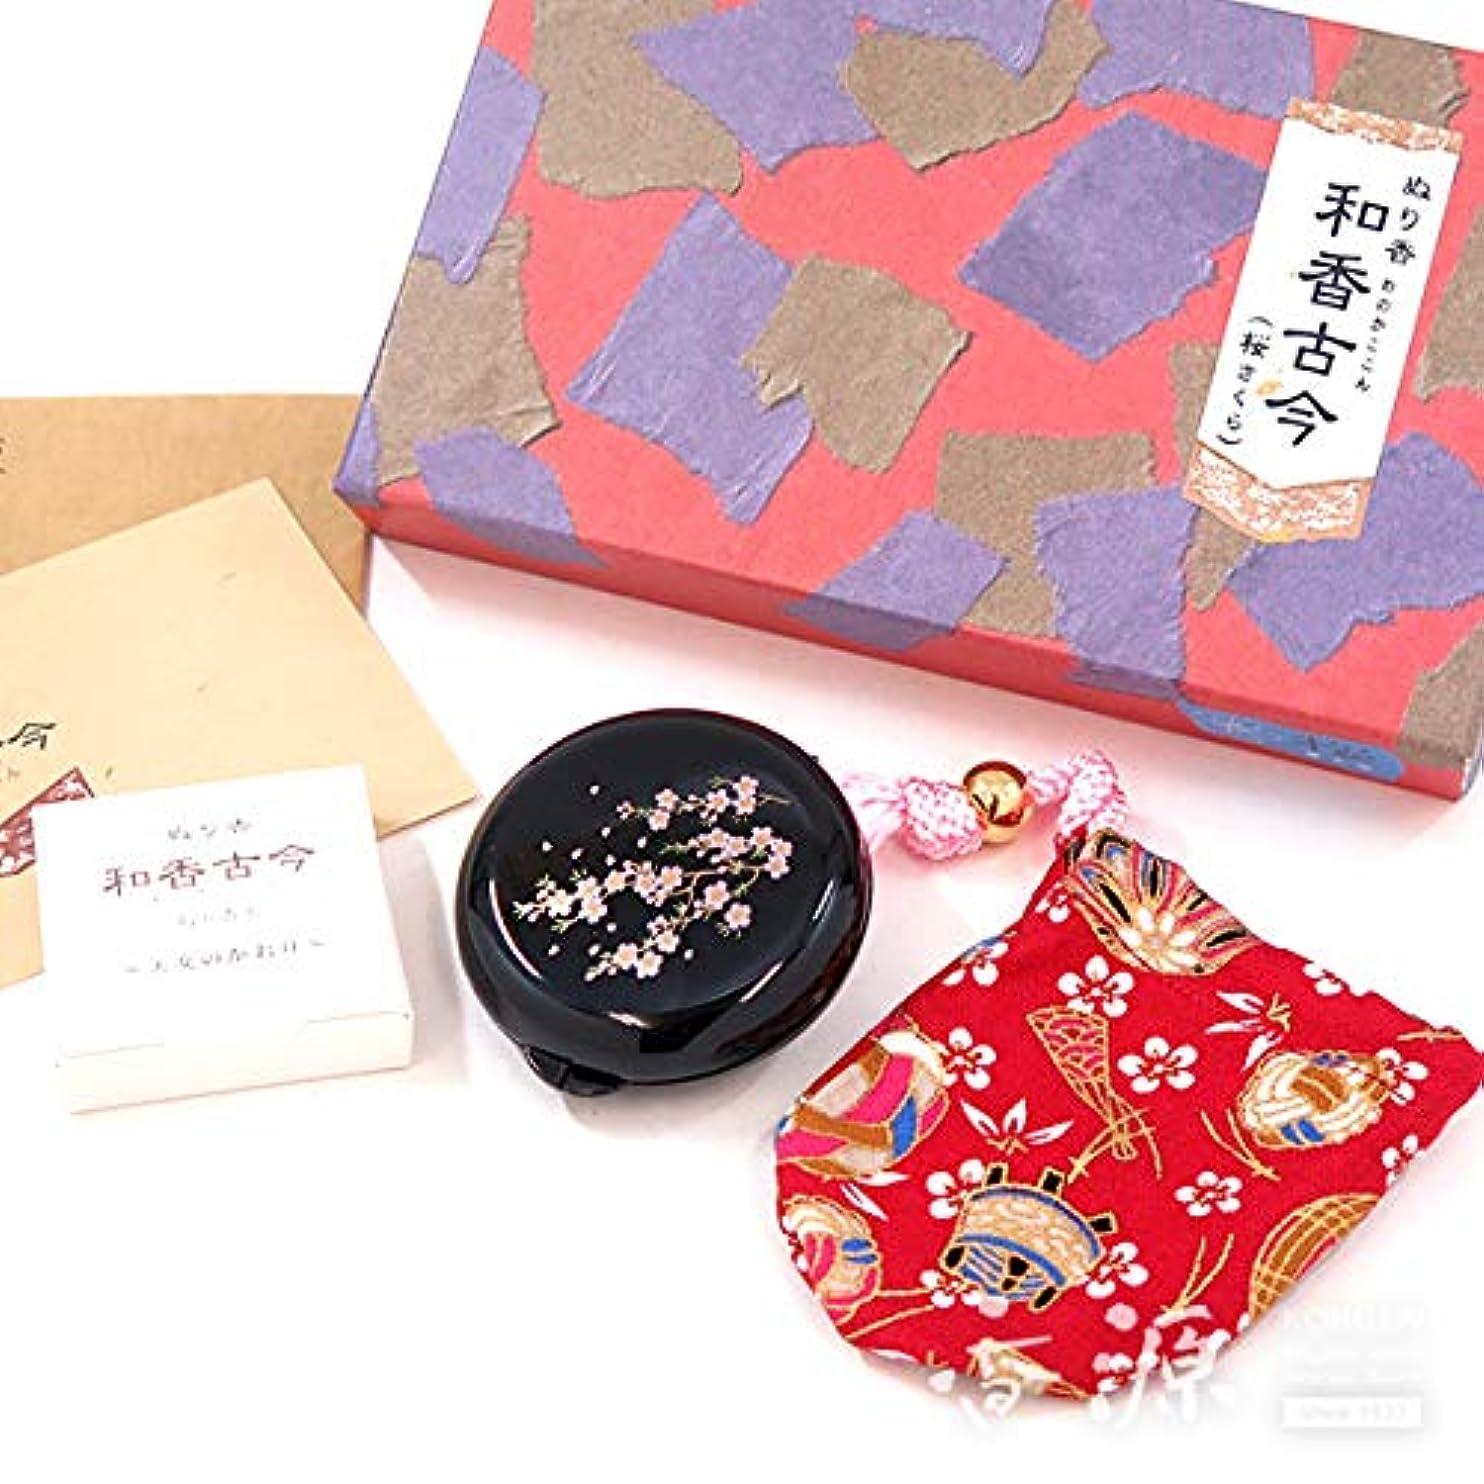 シリング前文差別化する長川仁三郎商店のお香 和香古今(わのかここん)天女の香り 桜(黒のコンパクト)?赤の巾着のセット